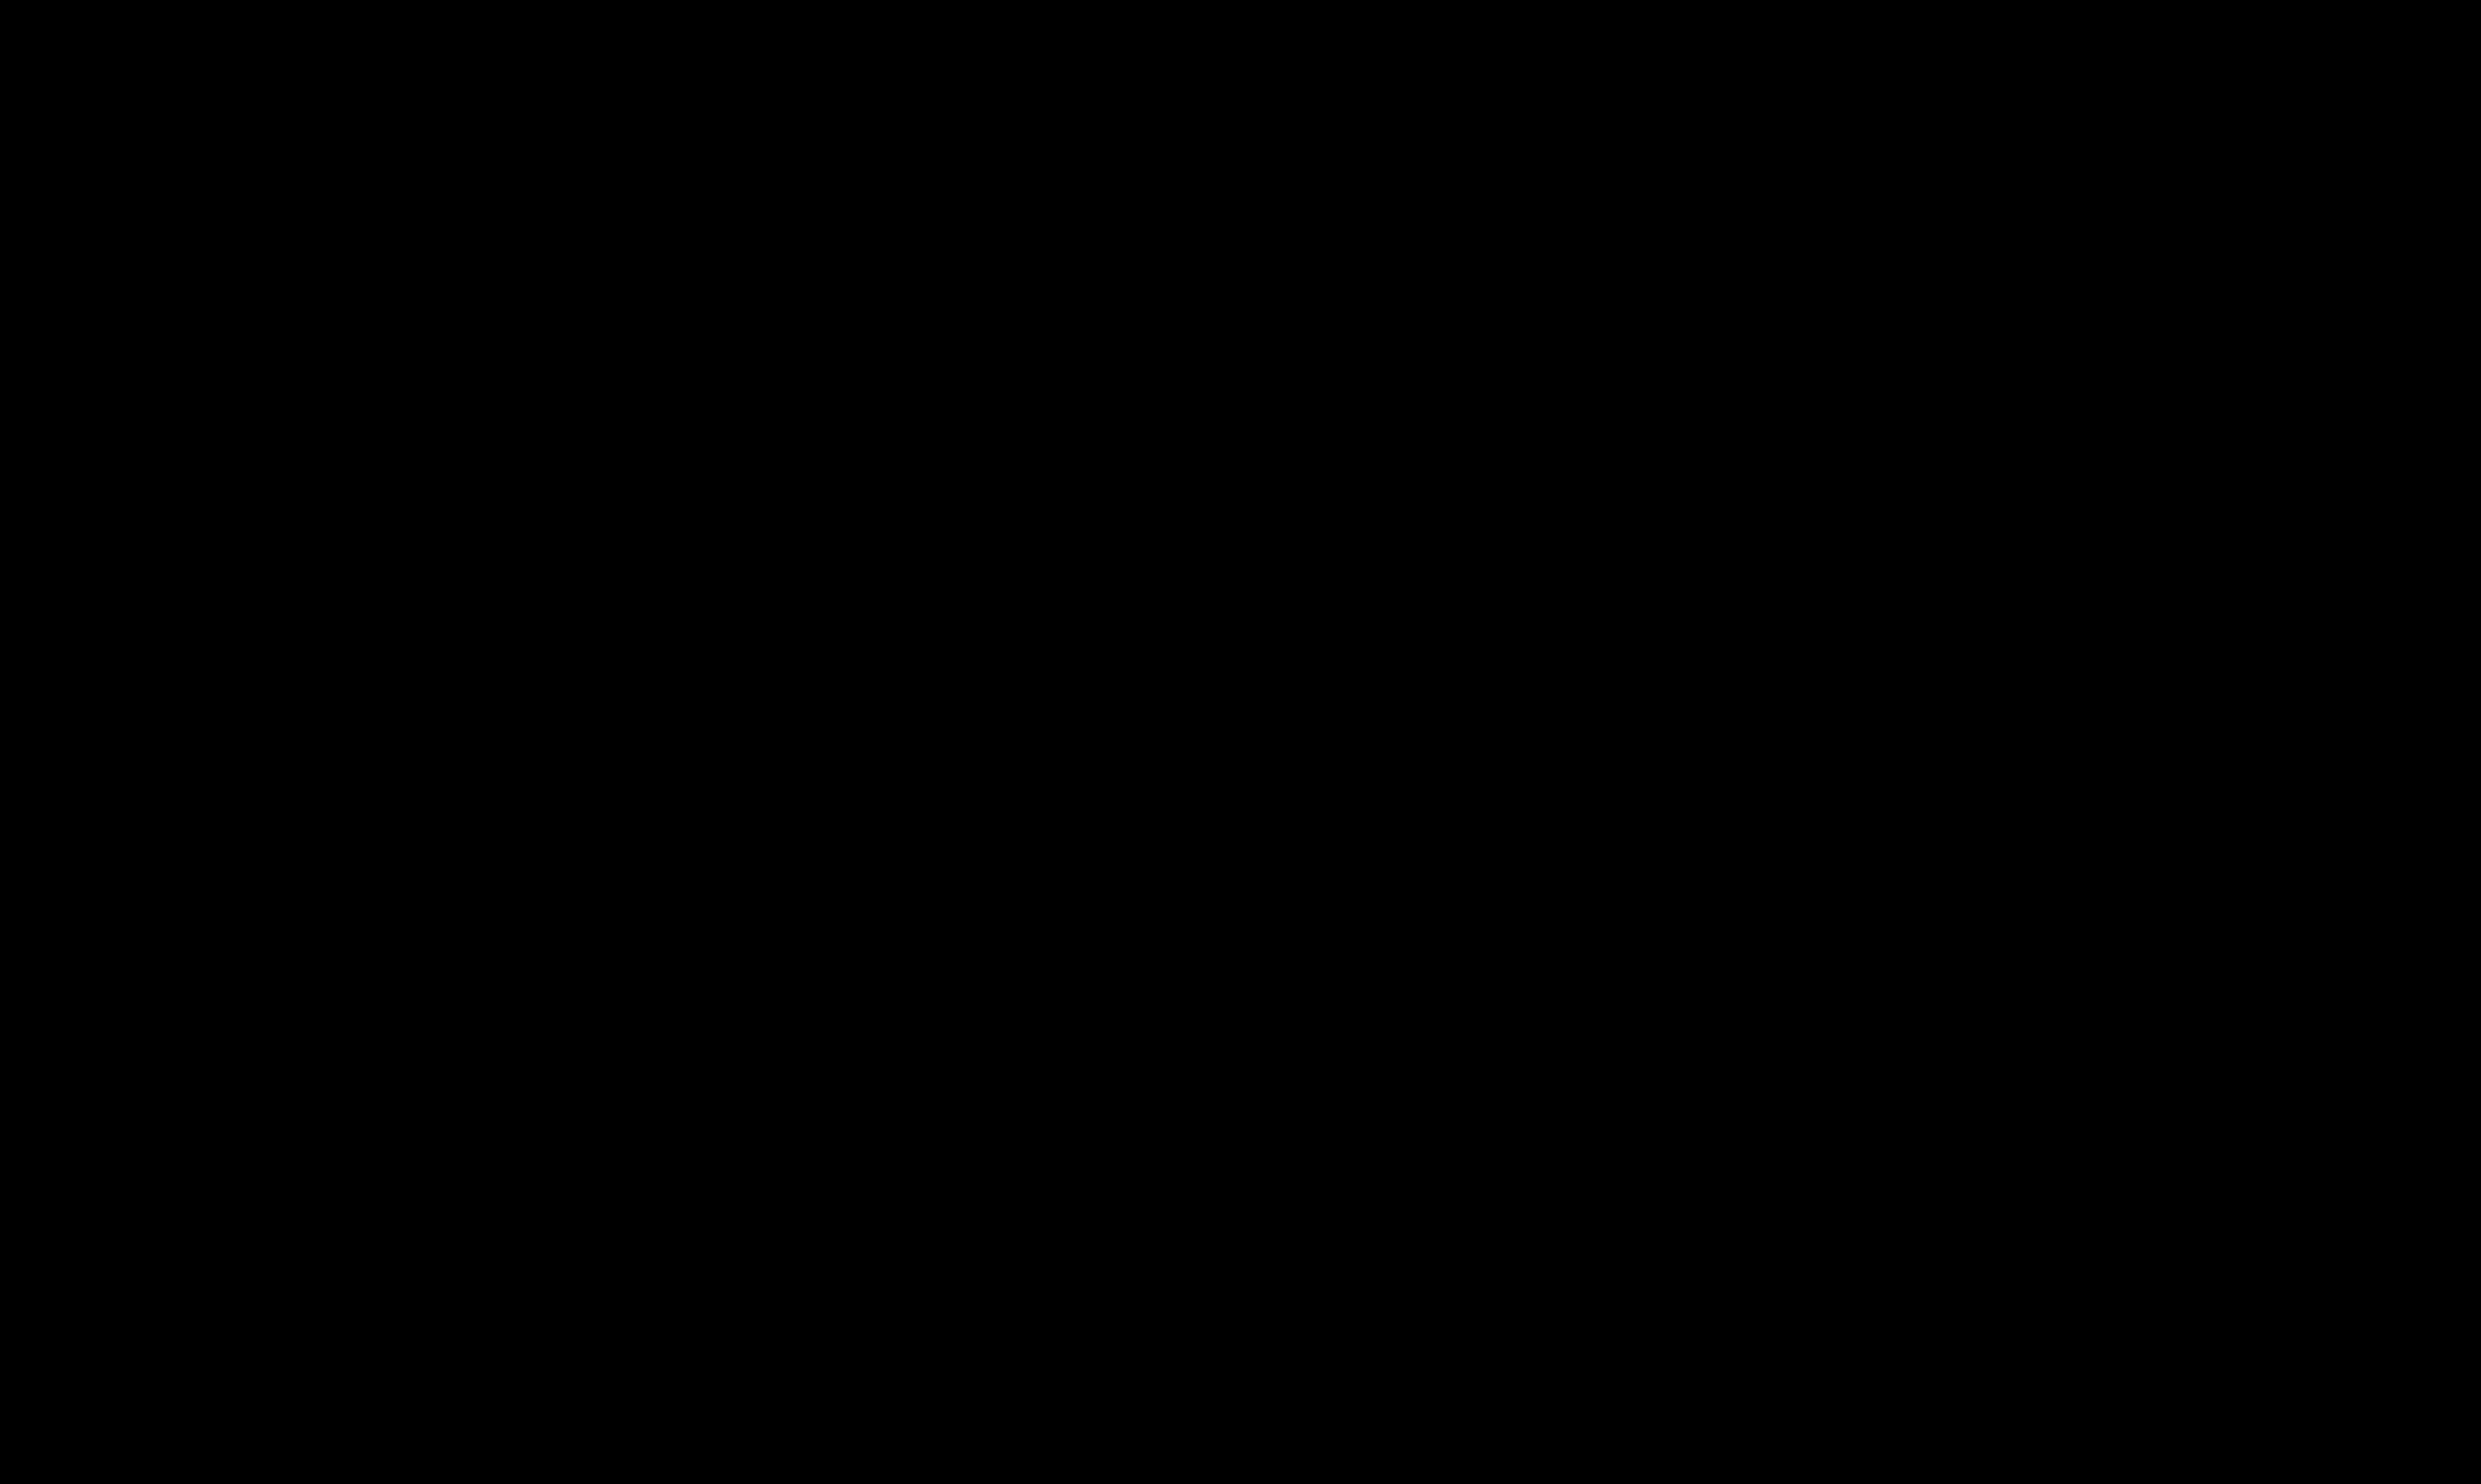 人促肾上腺皮质激素, 1-17